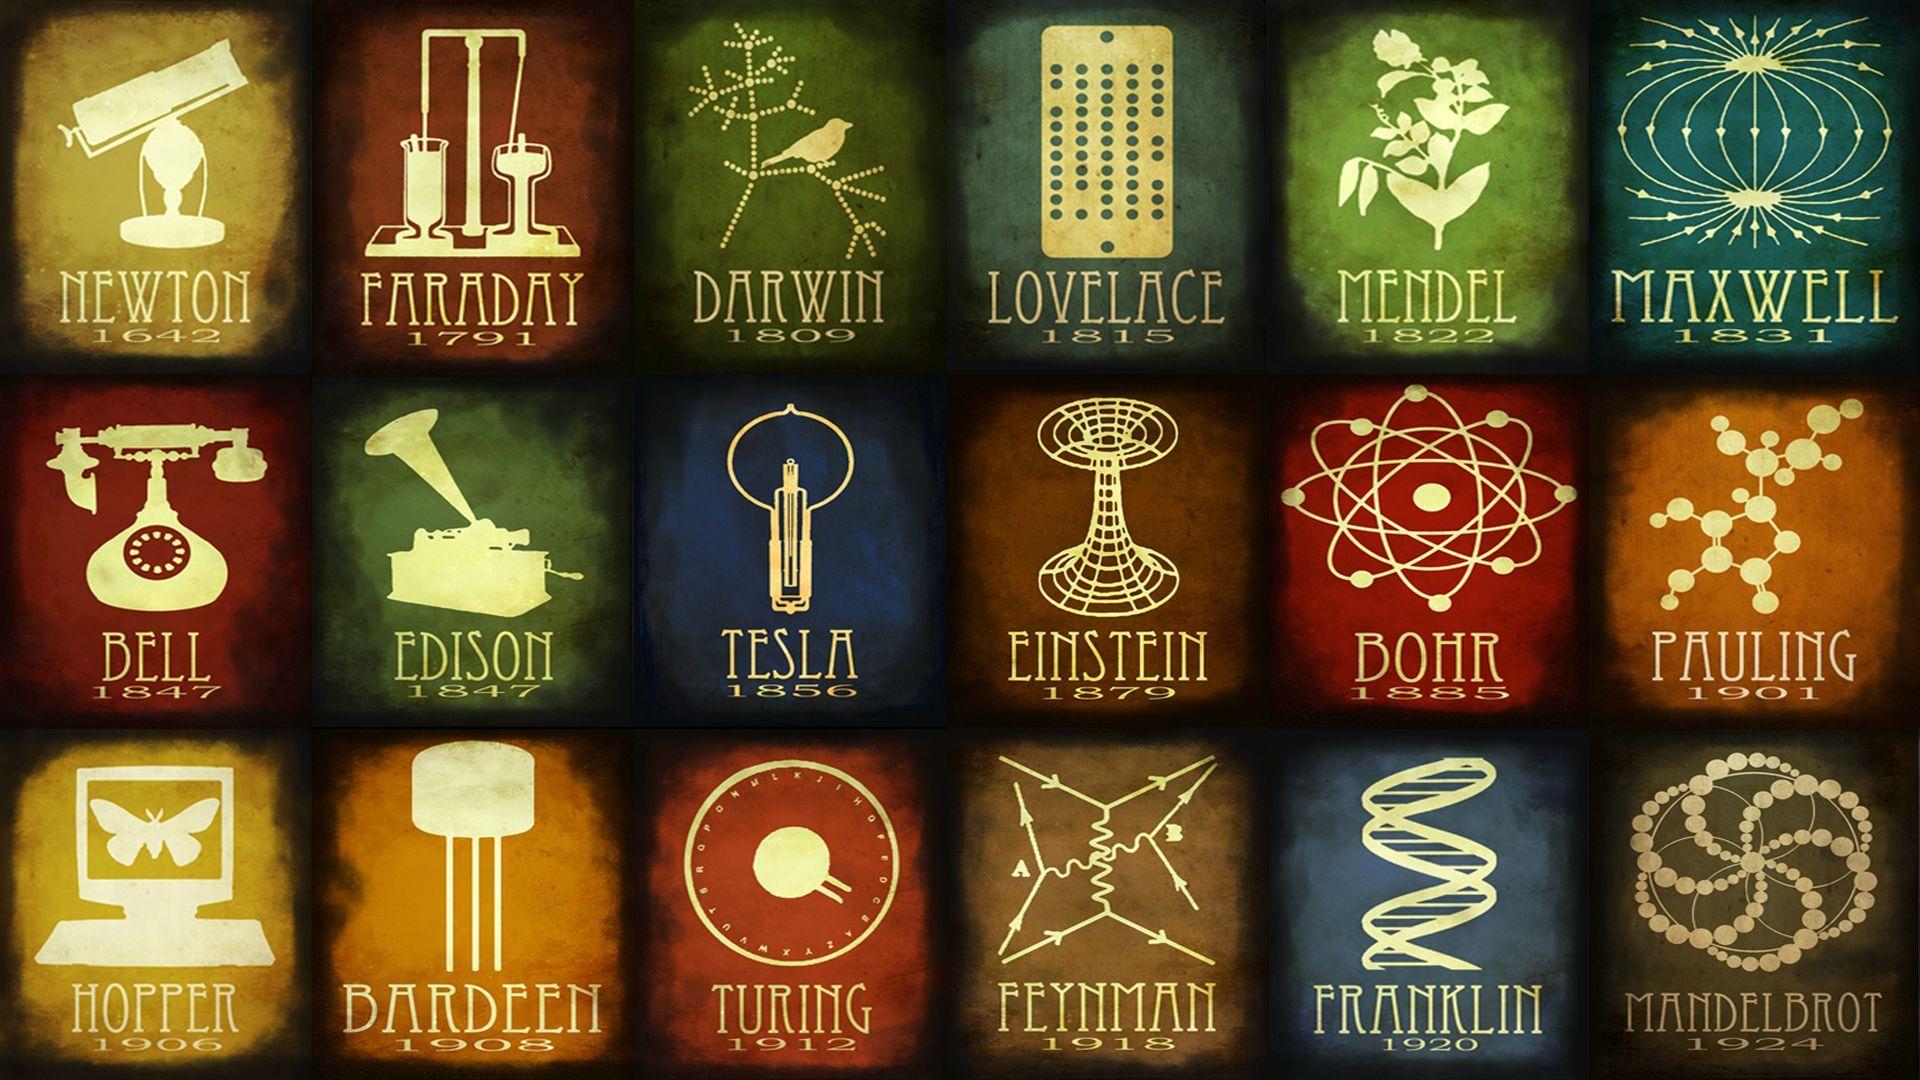 επιστημονικός σκεπτικισμός